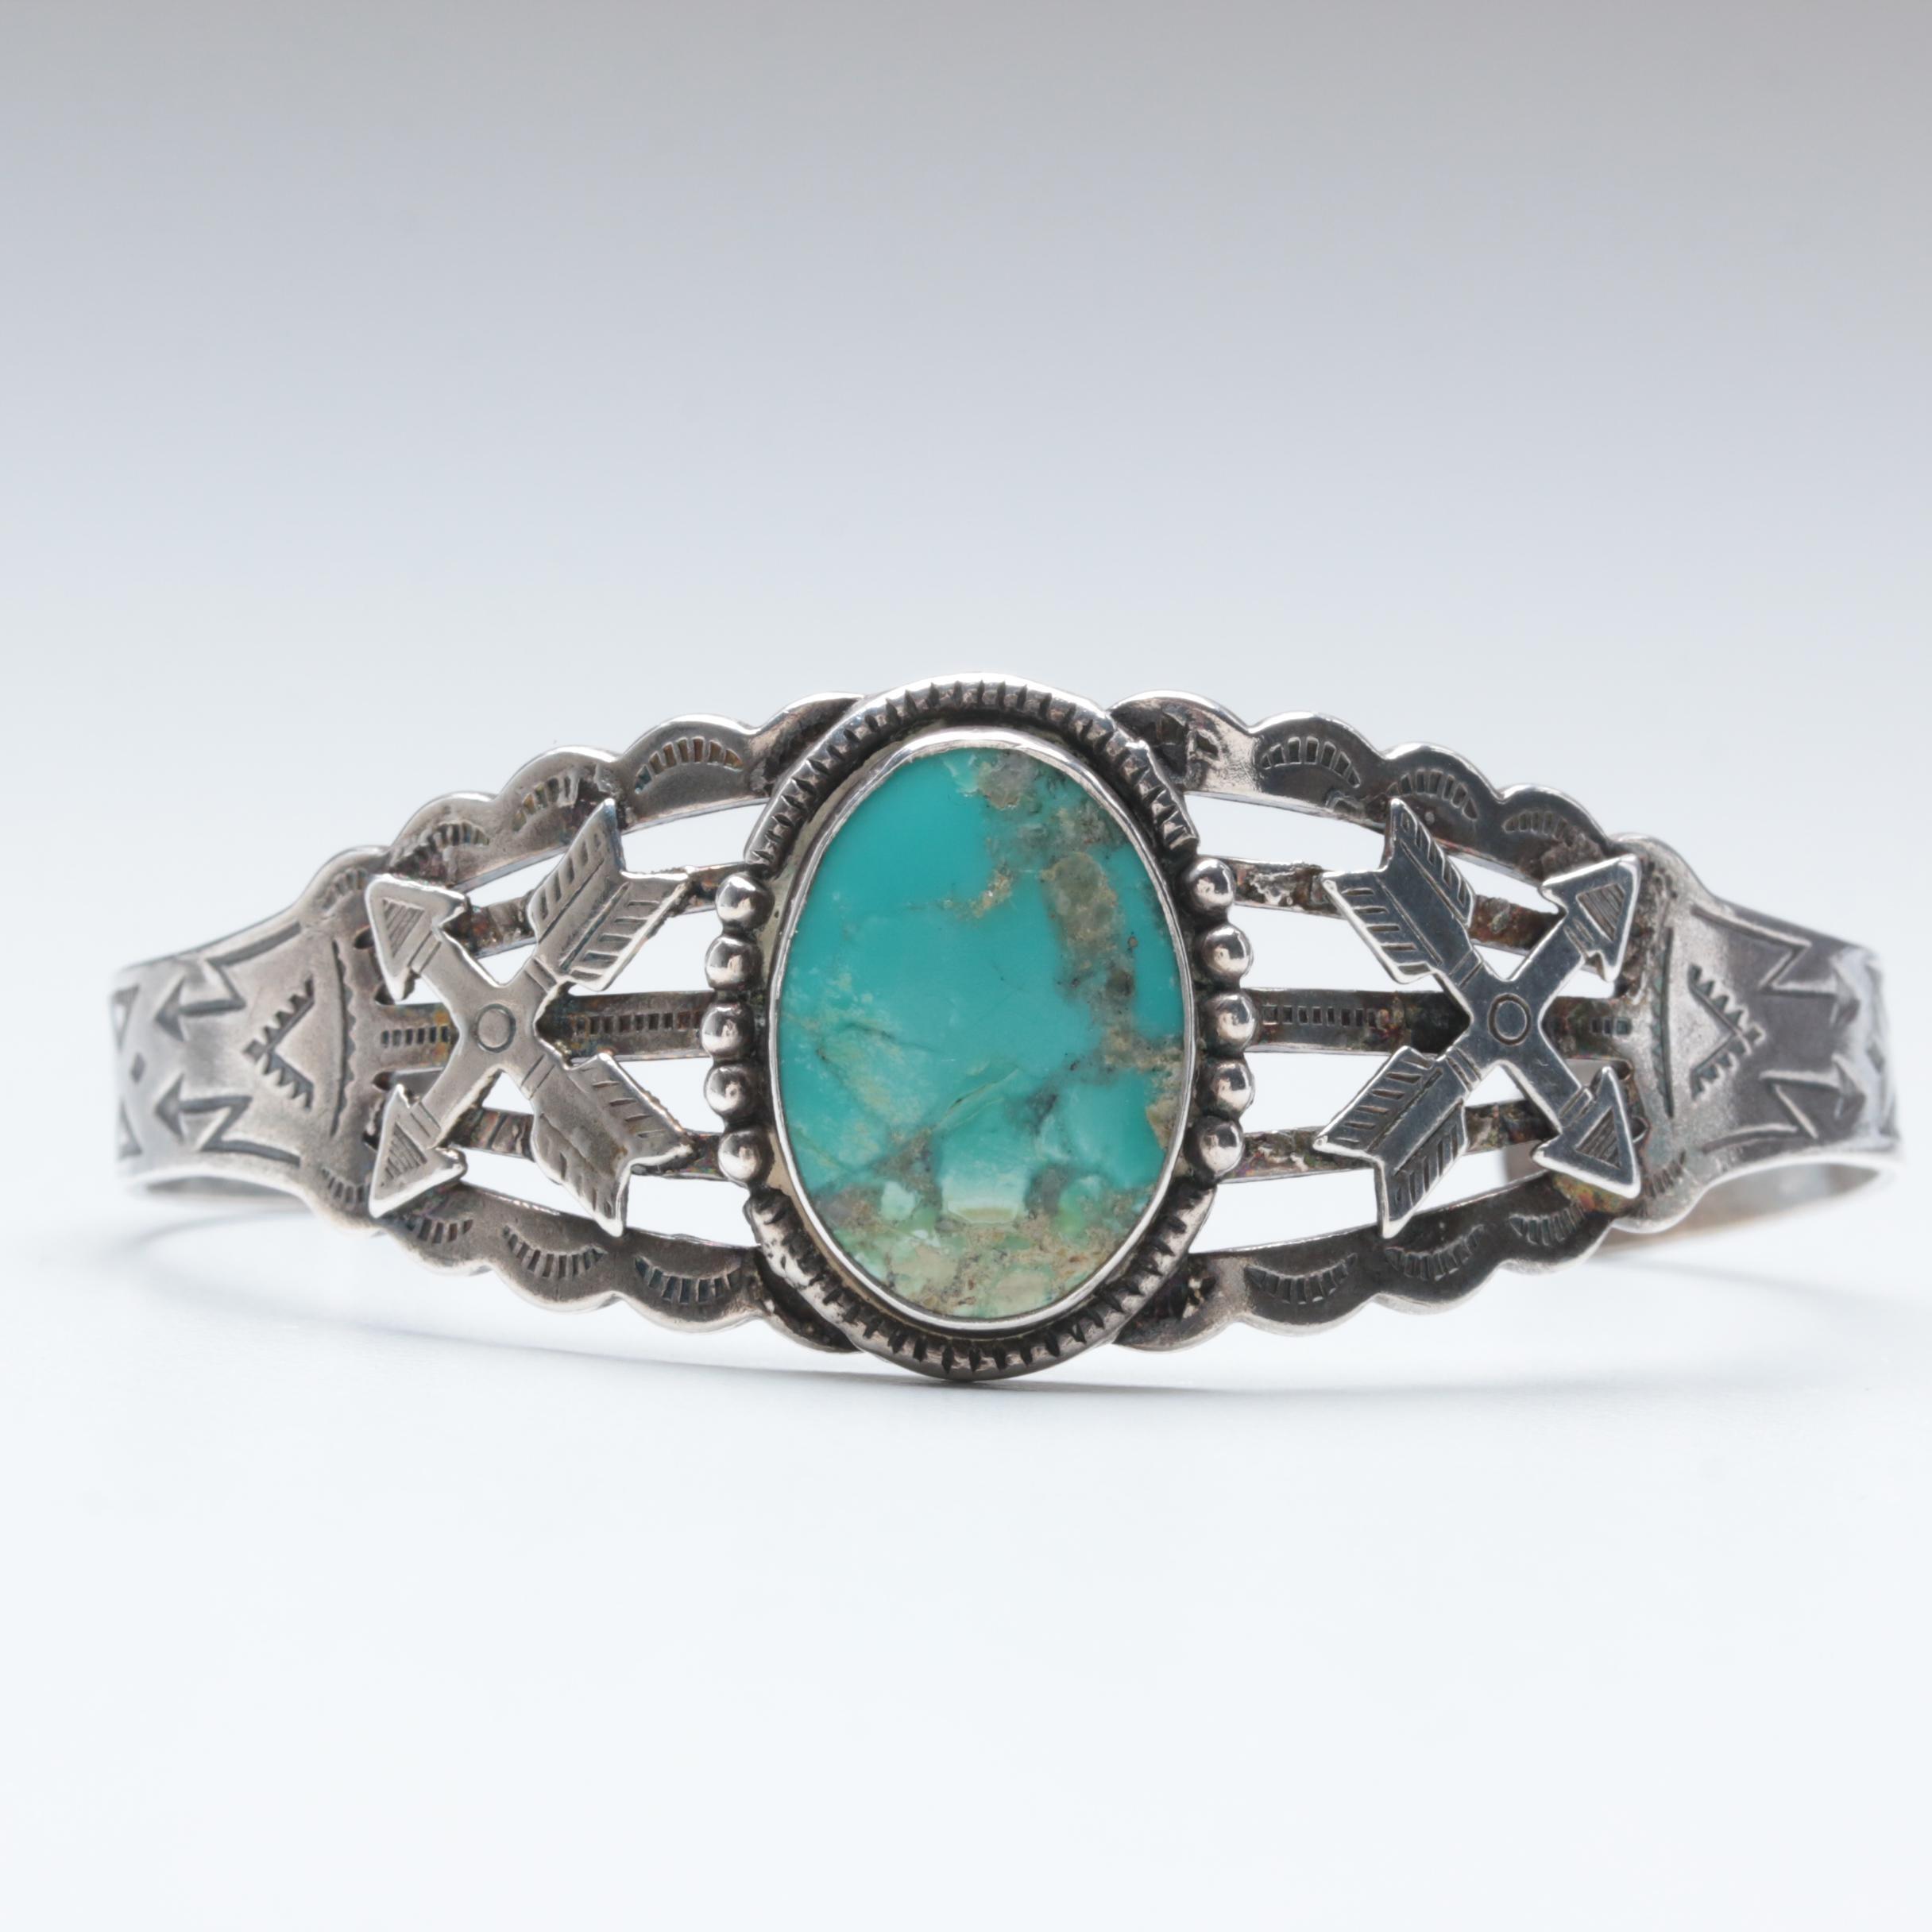 Southwestern Style Turquoise Cuff Bracelet